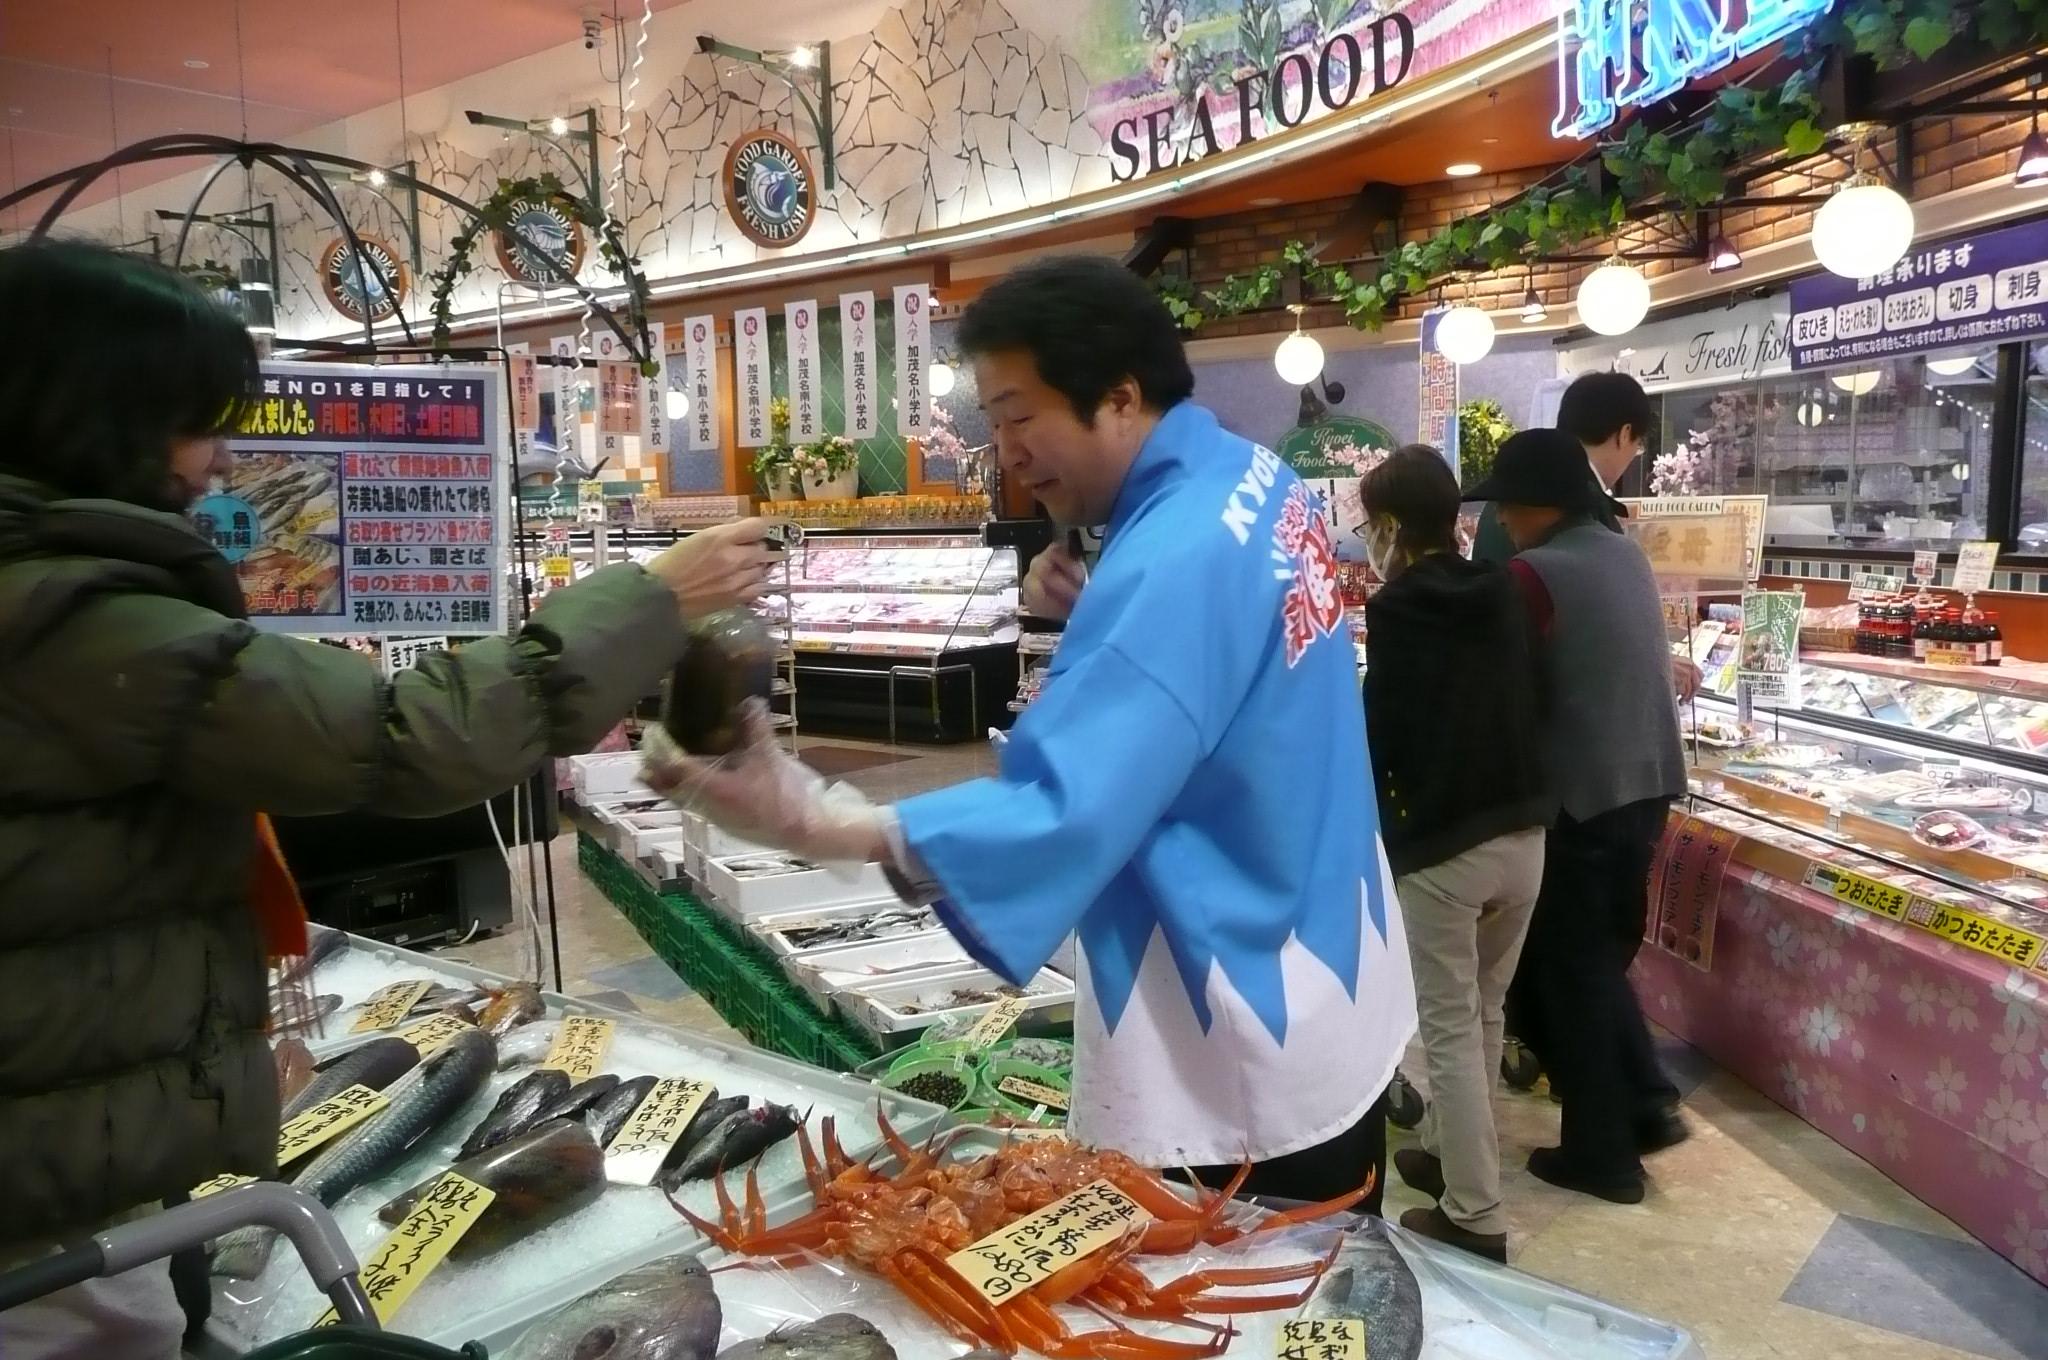 魚新鮮組とは   お魚のことなら、調理方法・レシピなど何でもお尋ねください。調理も三枚おろしまで無料です。